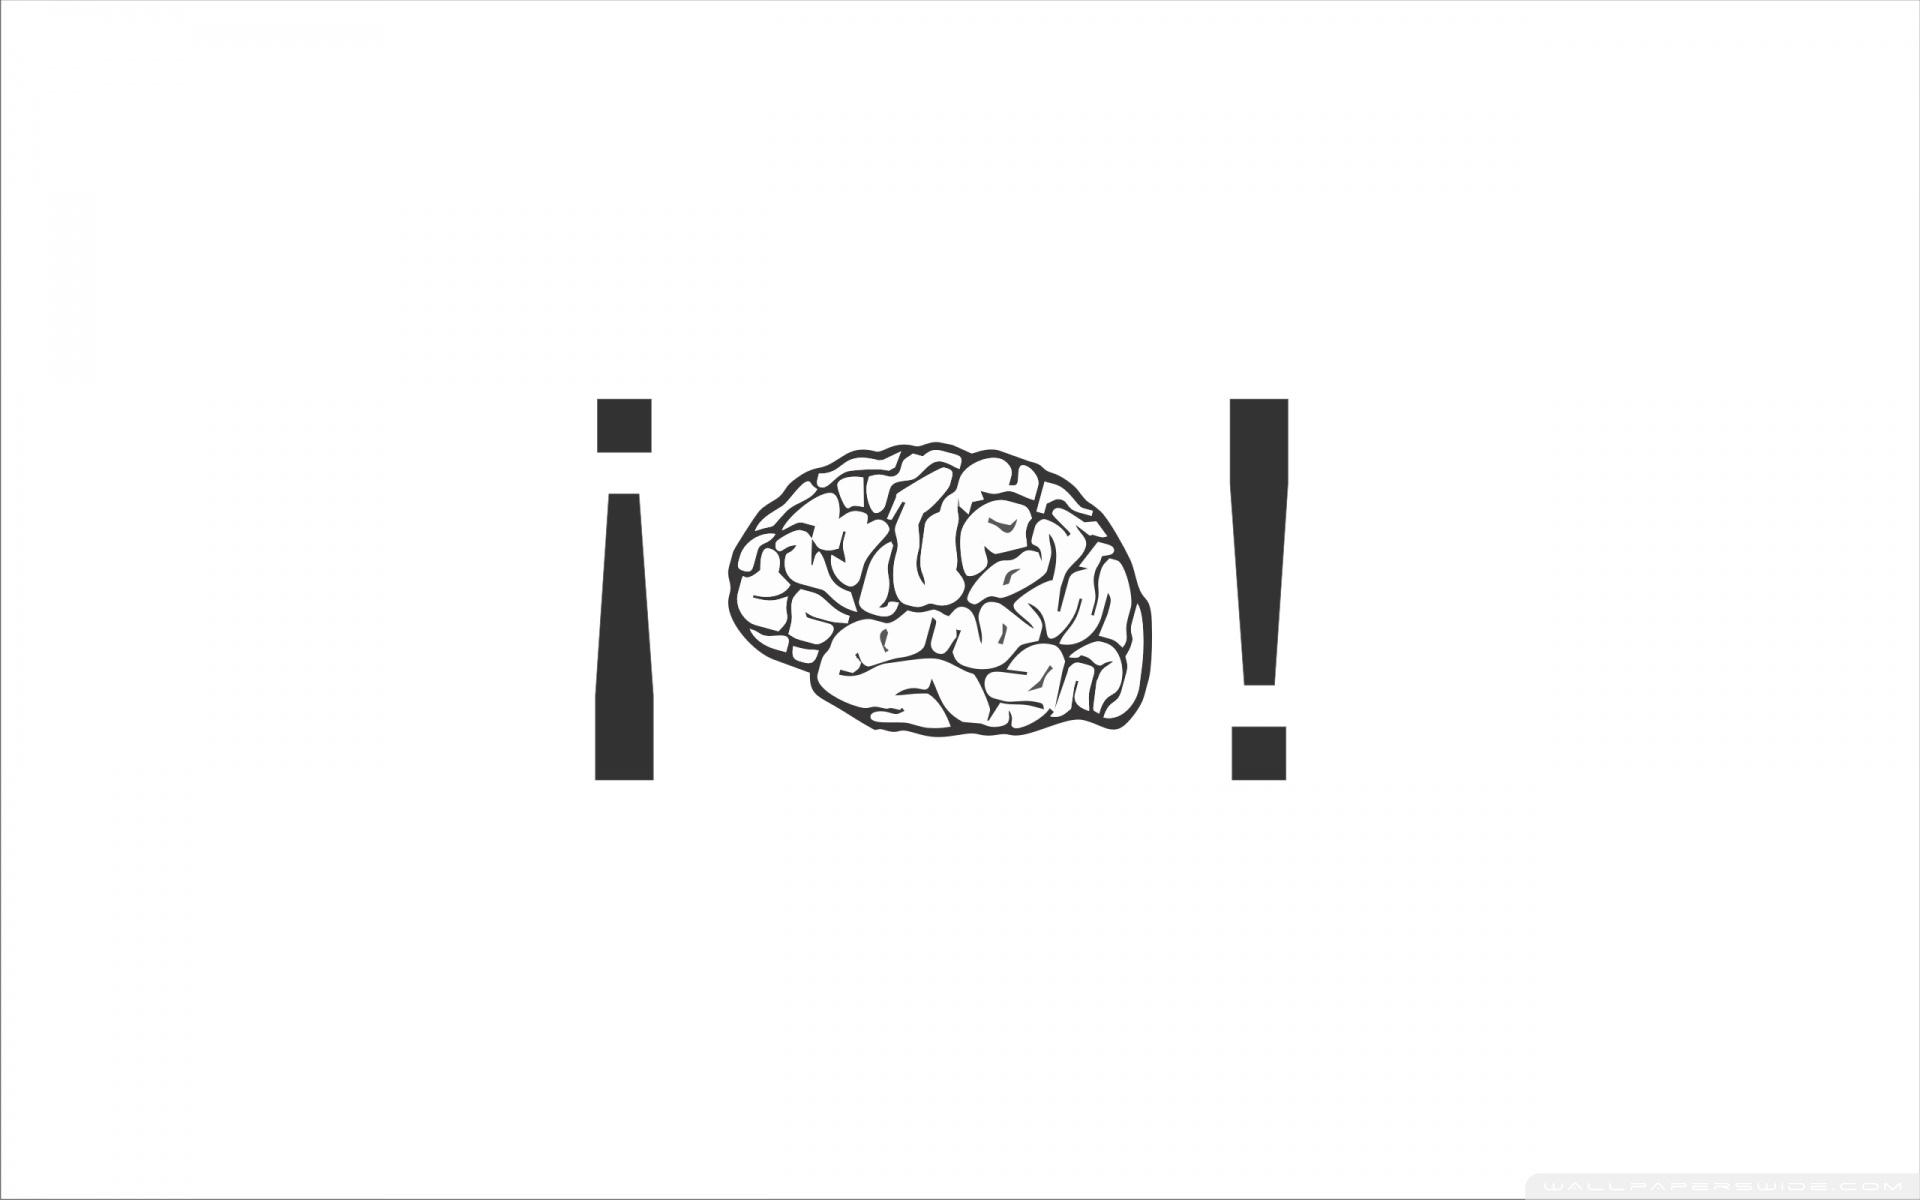 Brain 4k Hd Desktop Wallpaper For 4k Ultra Hd Tv Dual